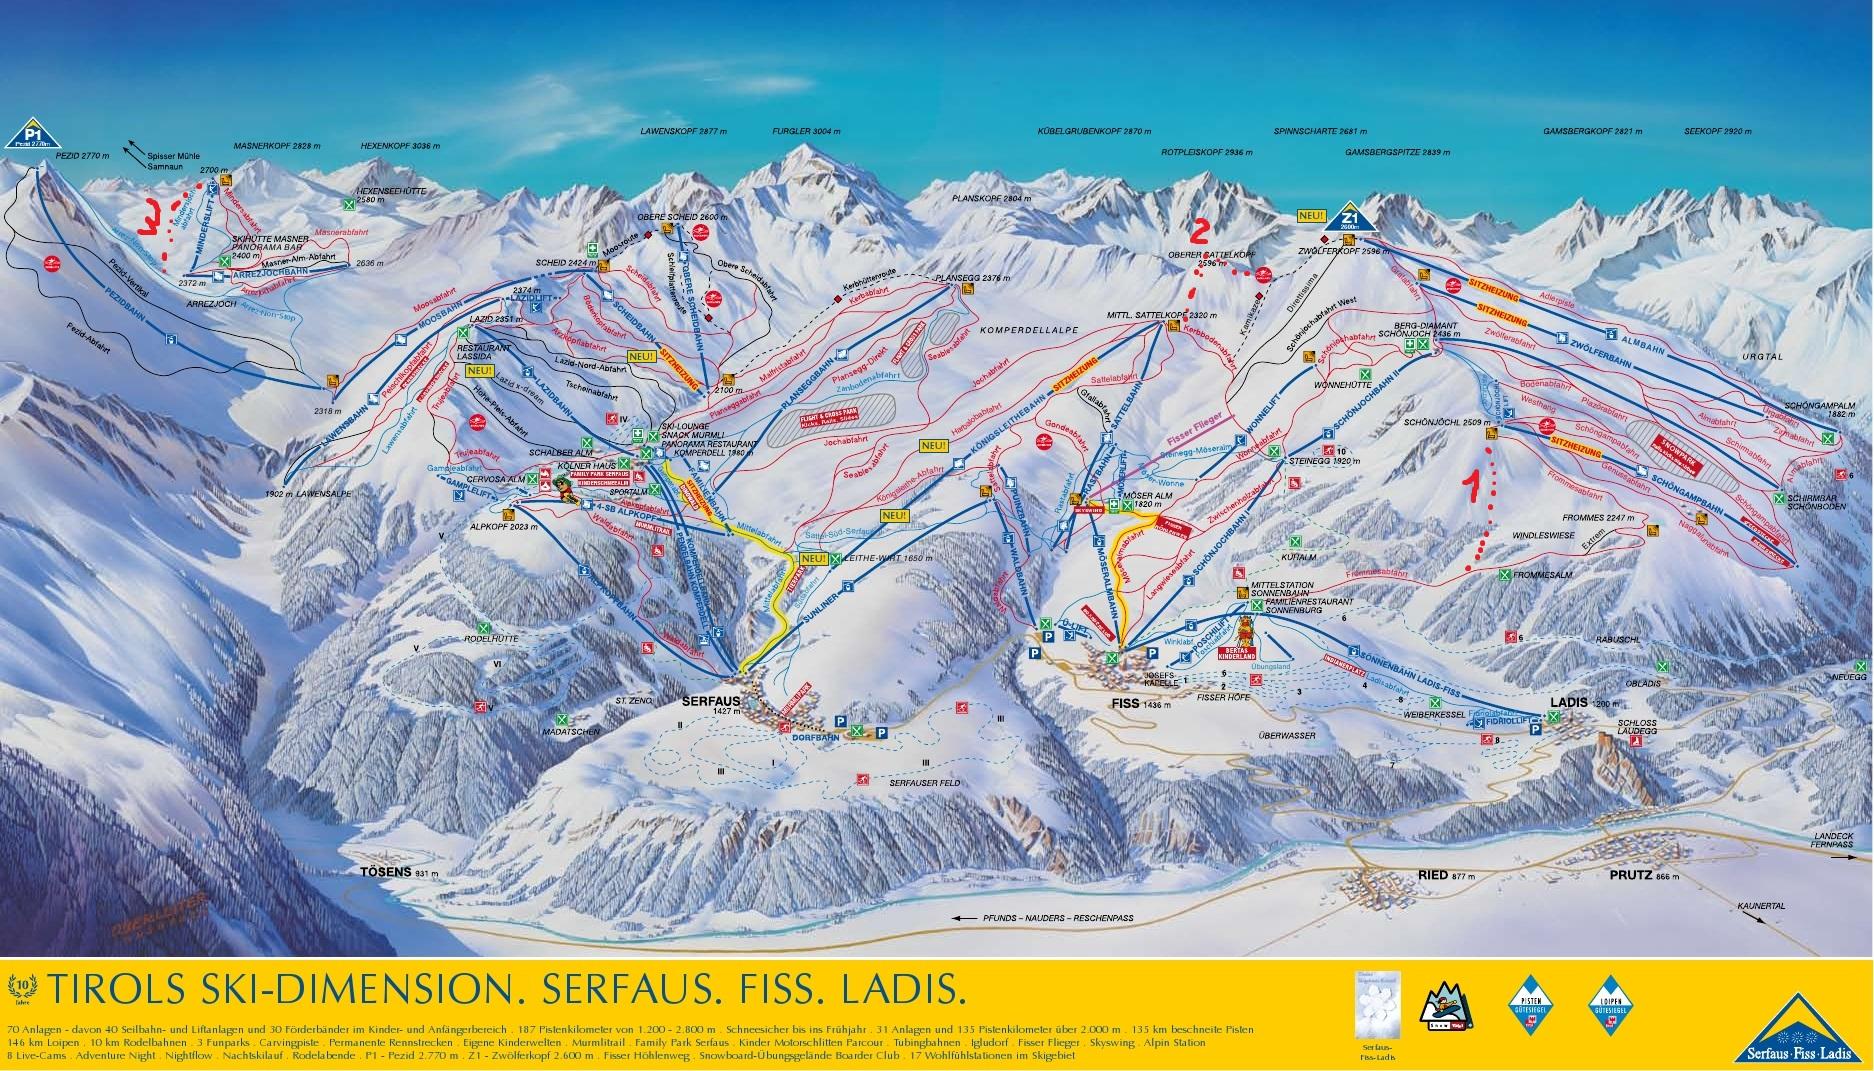 Ski Dimension